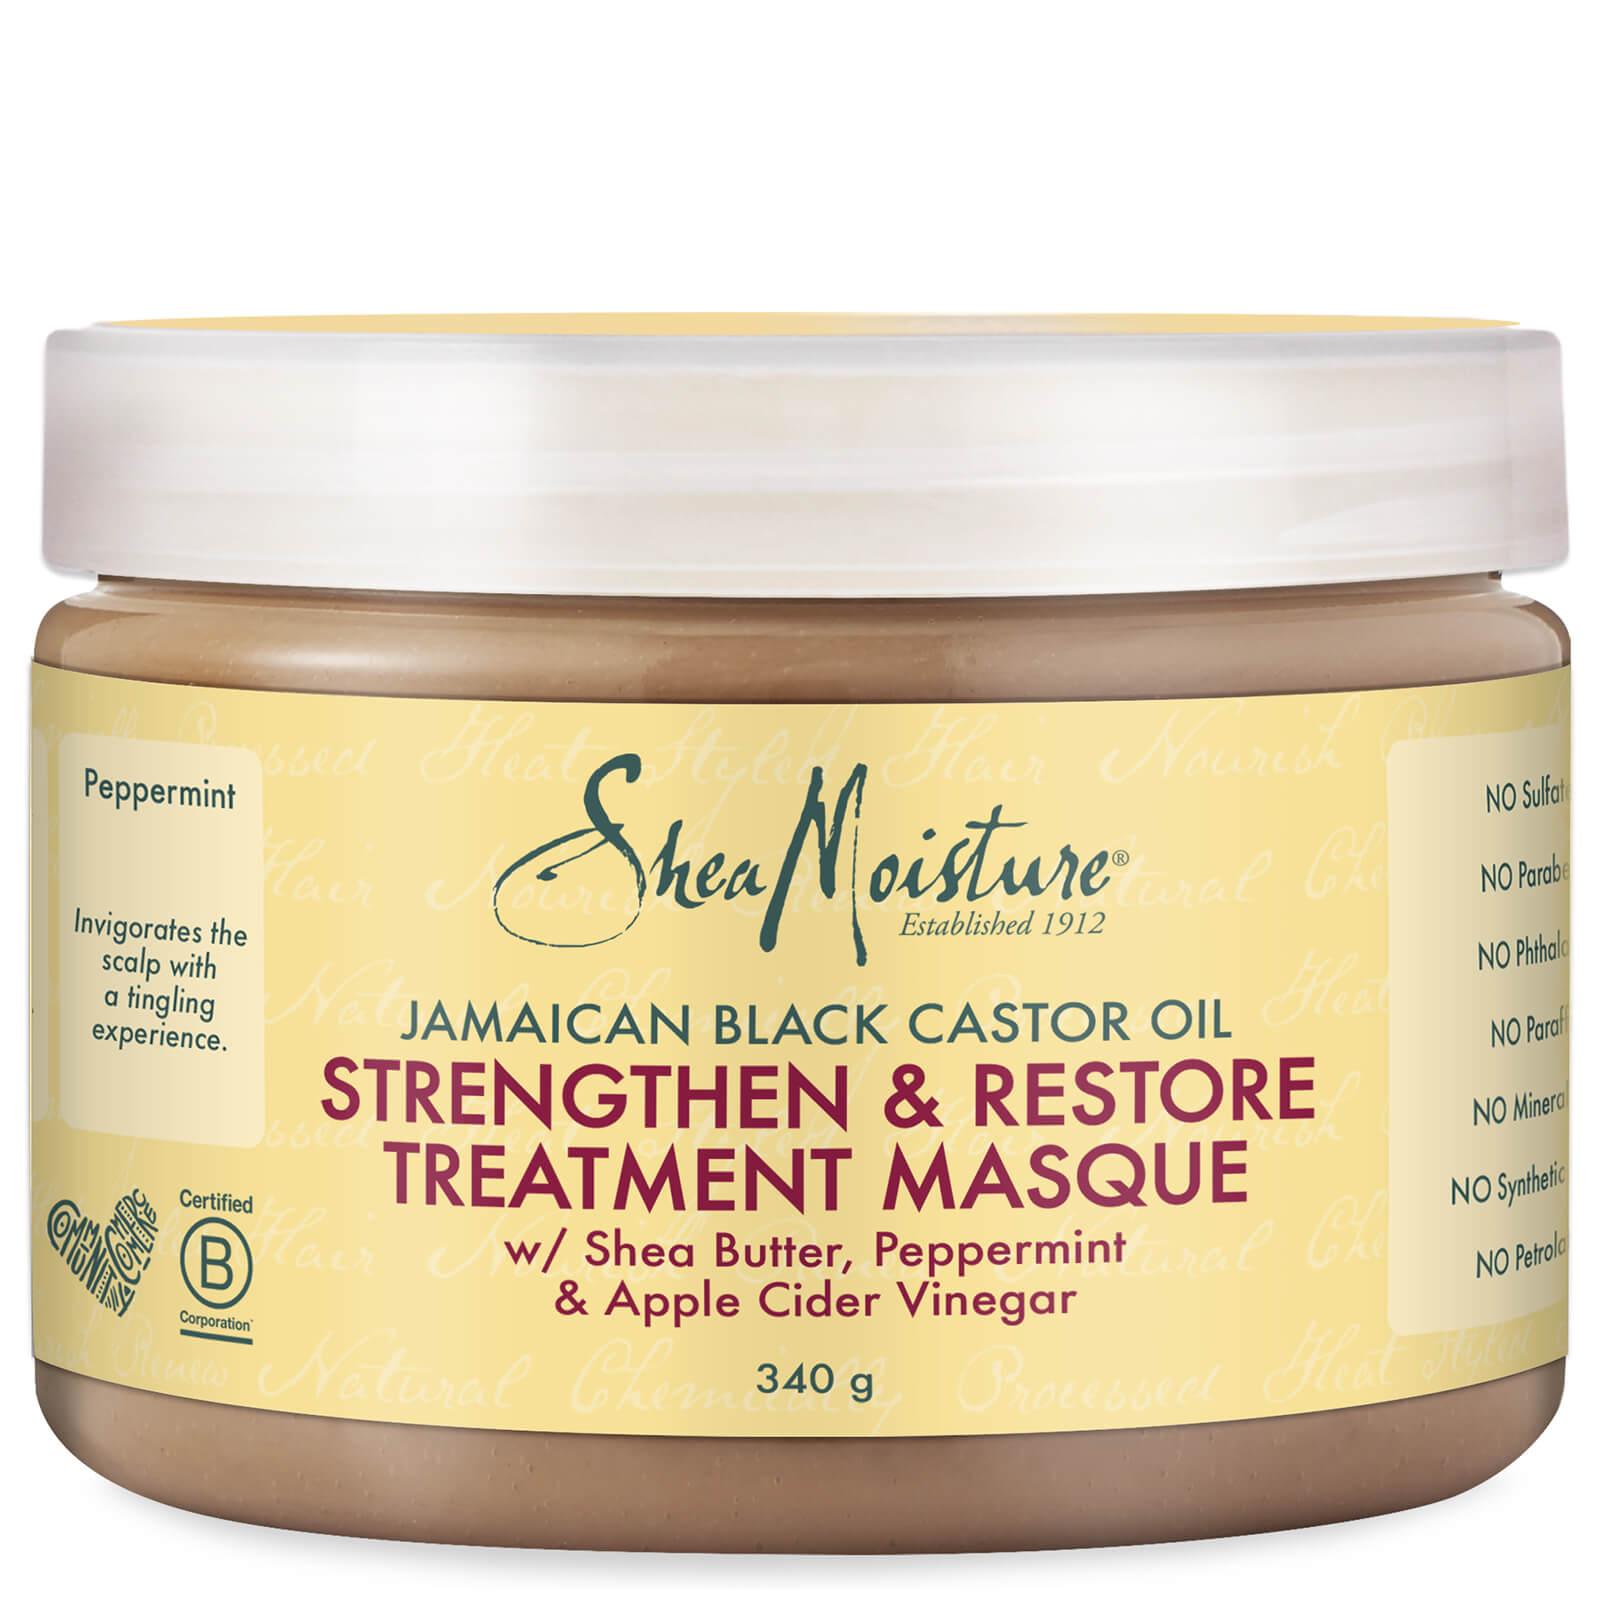 Shea Moisture Masque Stimulant & Réparateur Intense à L'huile de Ricin Noir de Jamaïque (340g)